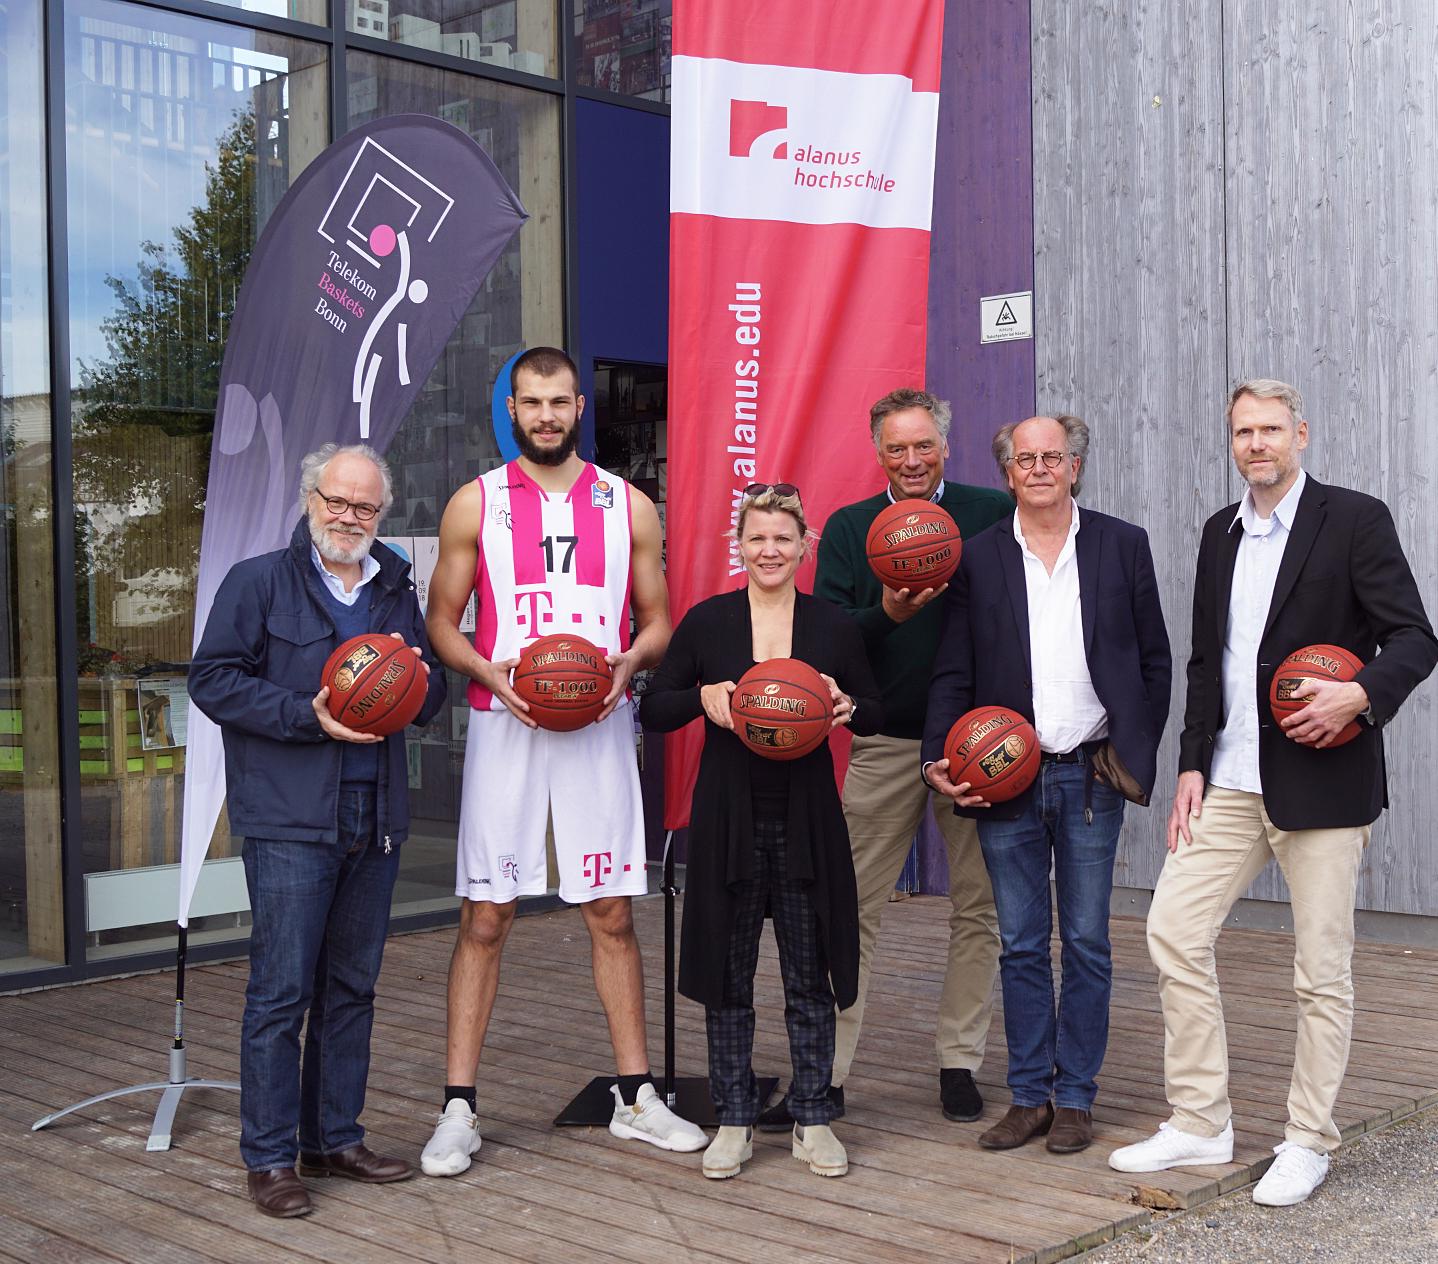 Alanus Hochschule und Telekom Baskets Bonn kooperieren